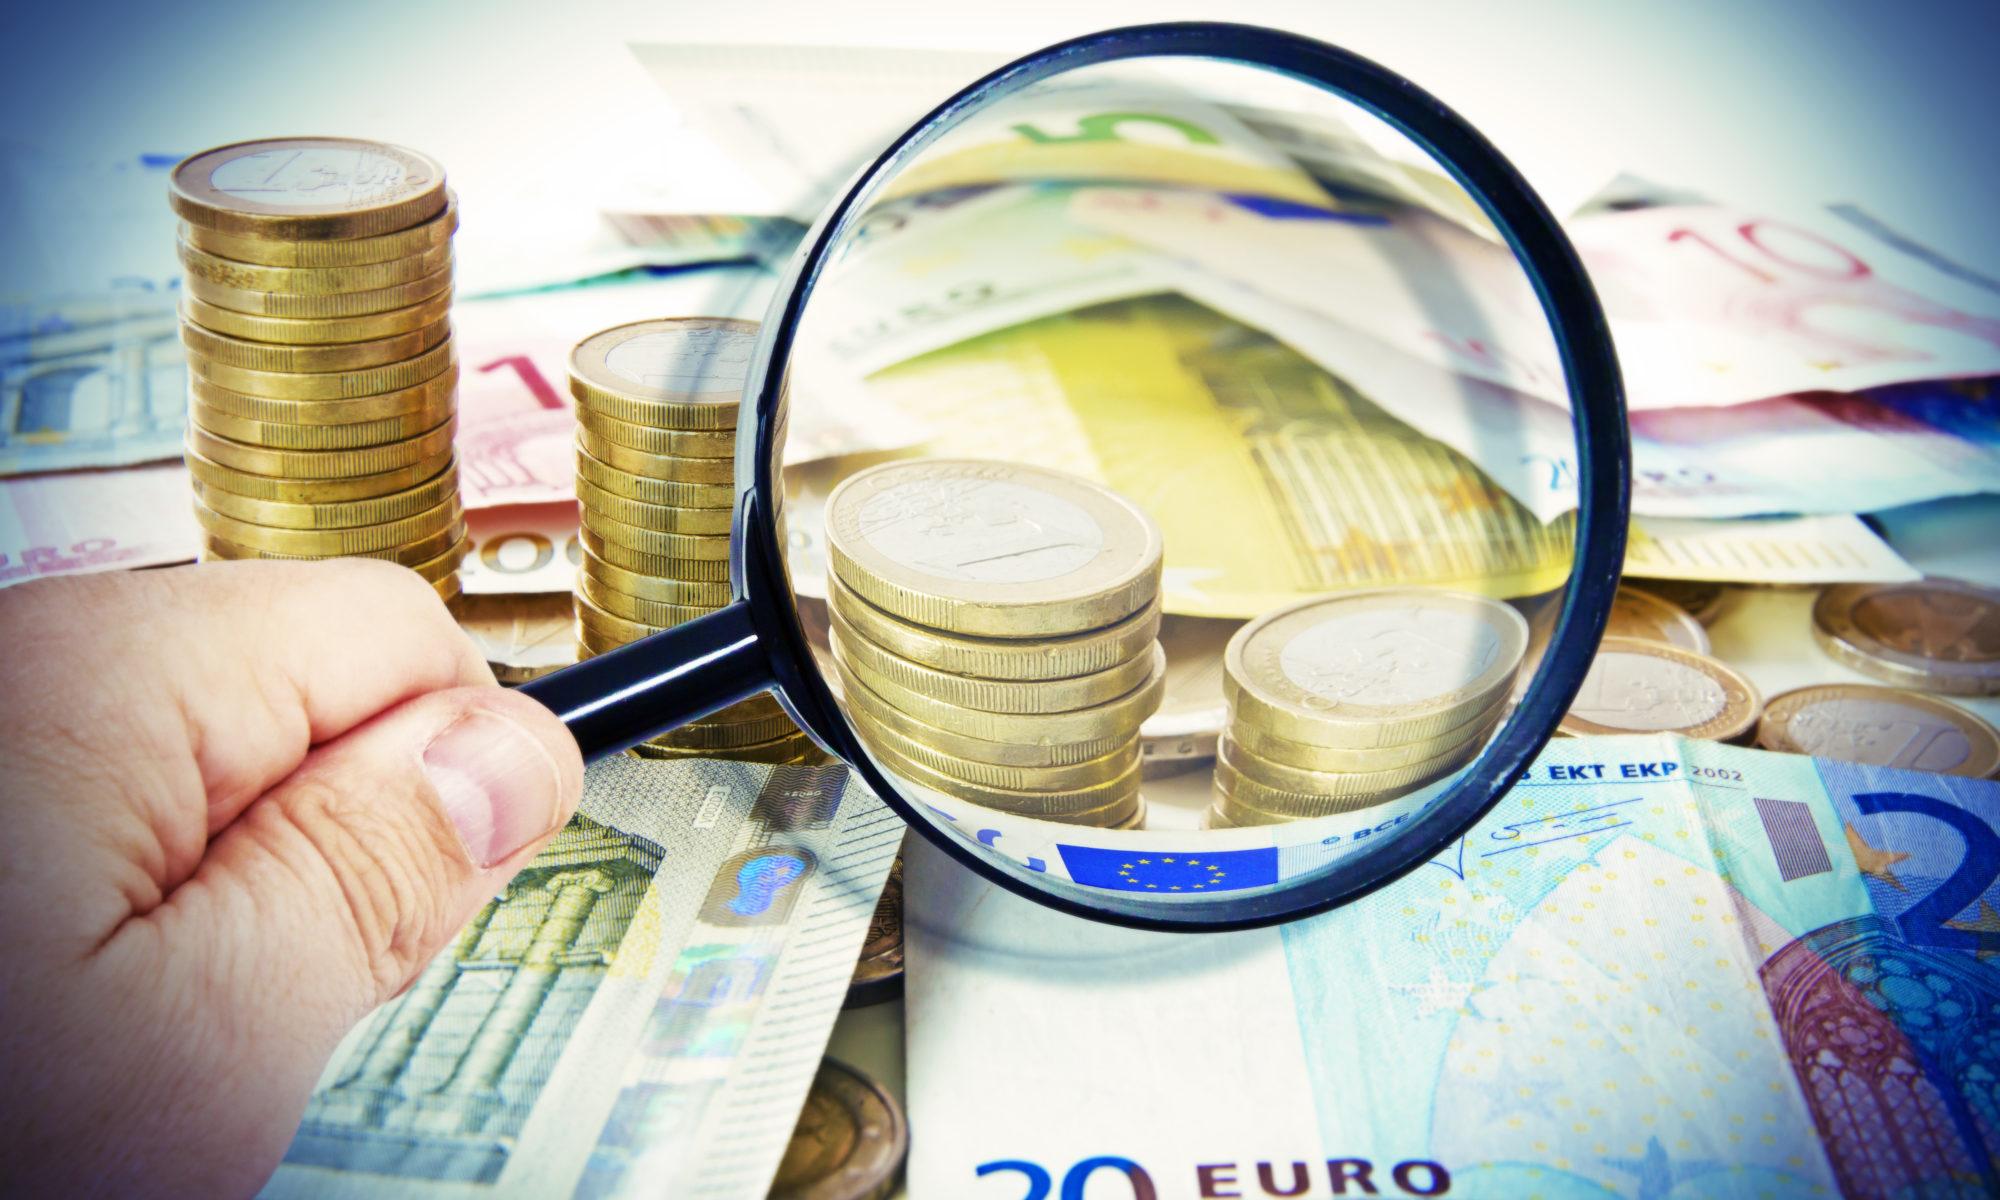 AdobeStock 62723205 2000x1200 - Millionenschwere Korruption bei der Bundesagentur für Arbeit?